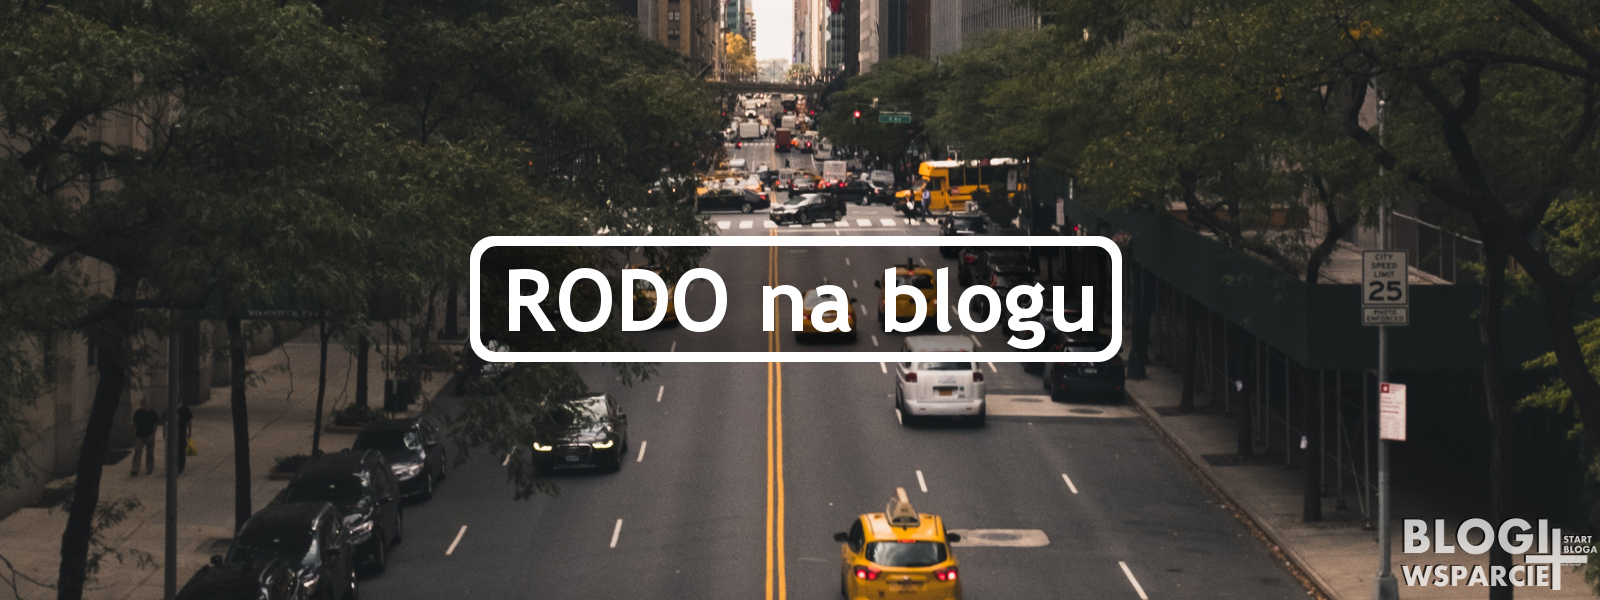 Jak Google przygotował Blogspot pod przepisy RODO? Jak w skrócie prezentują się wymagania pod nowe rozporządzenia w sprawie pobierania danych osobowych? Blogerzy i zmiany RODO!